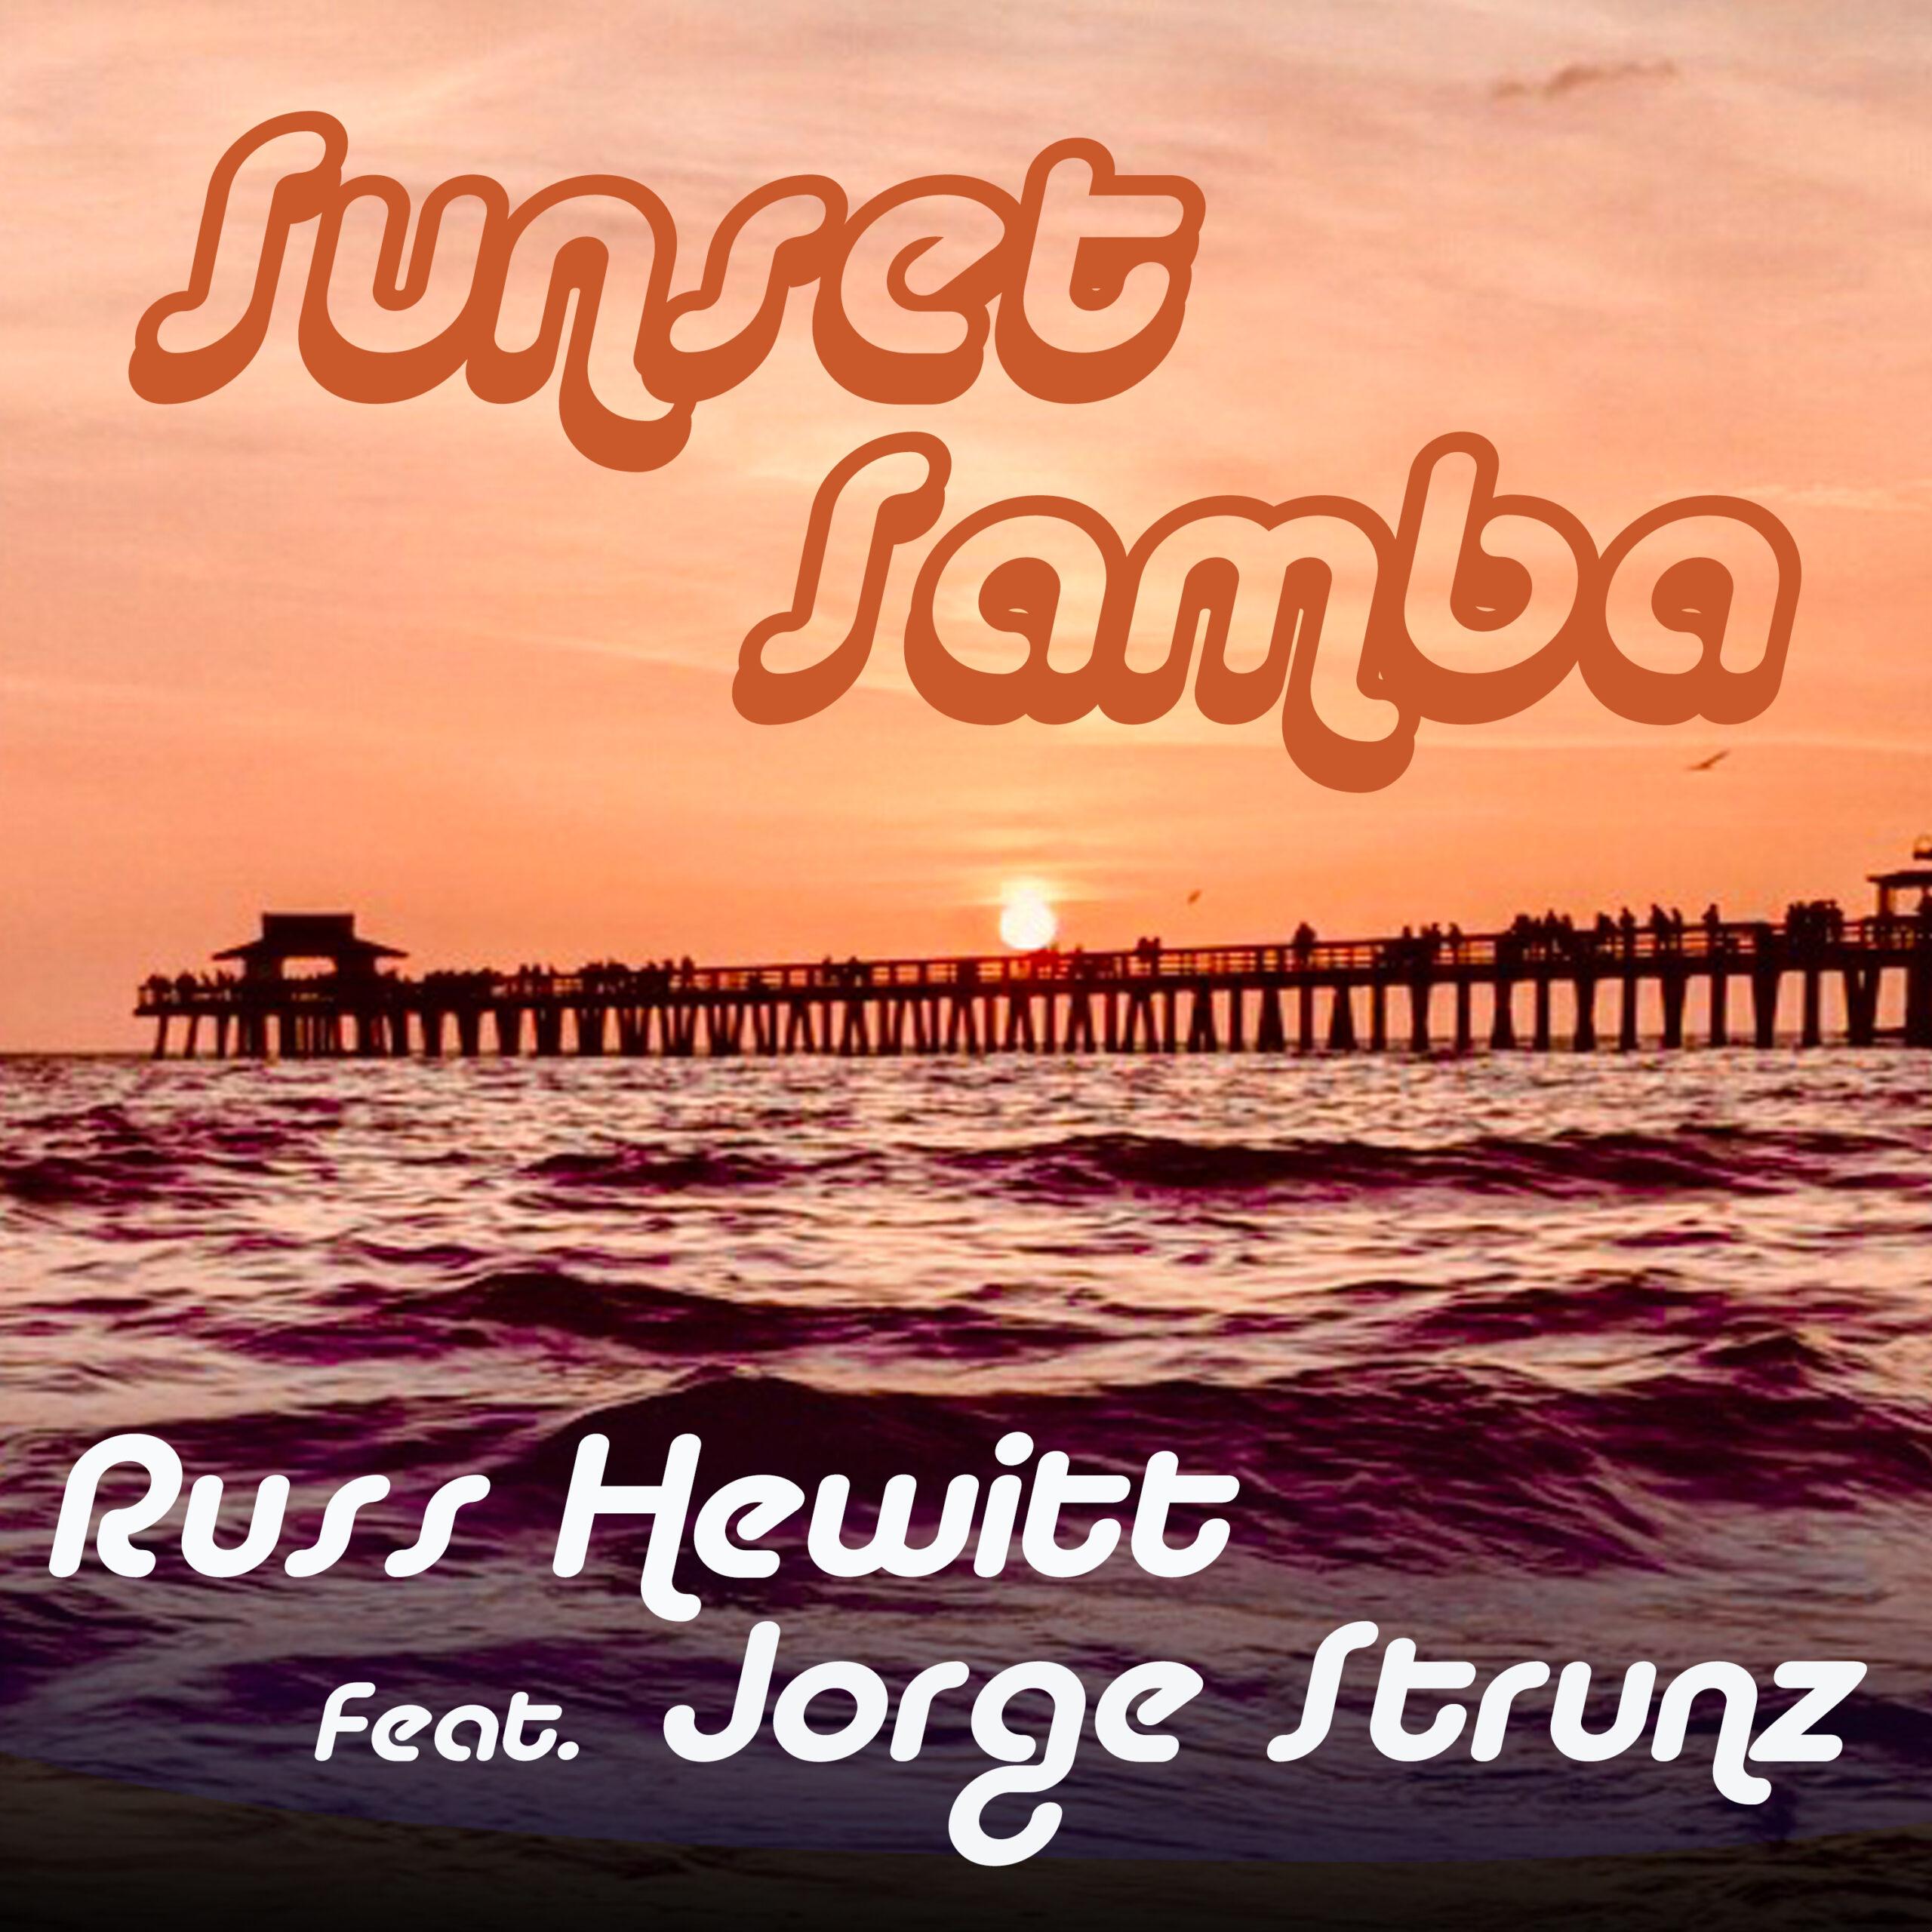 New single 'Sunset Samba' featuring Jorge Strunz